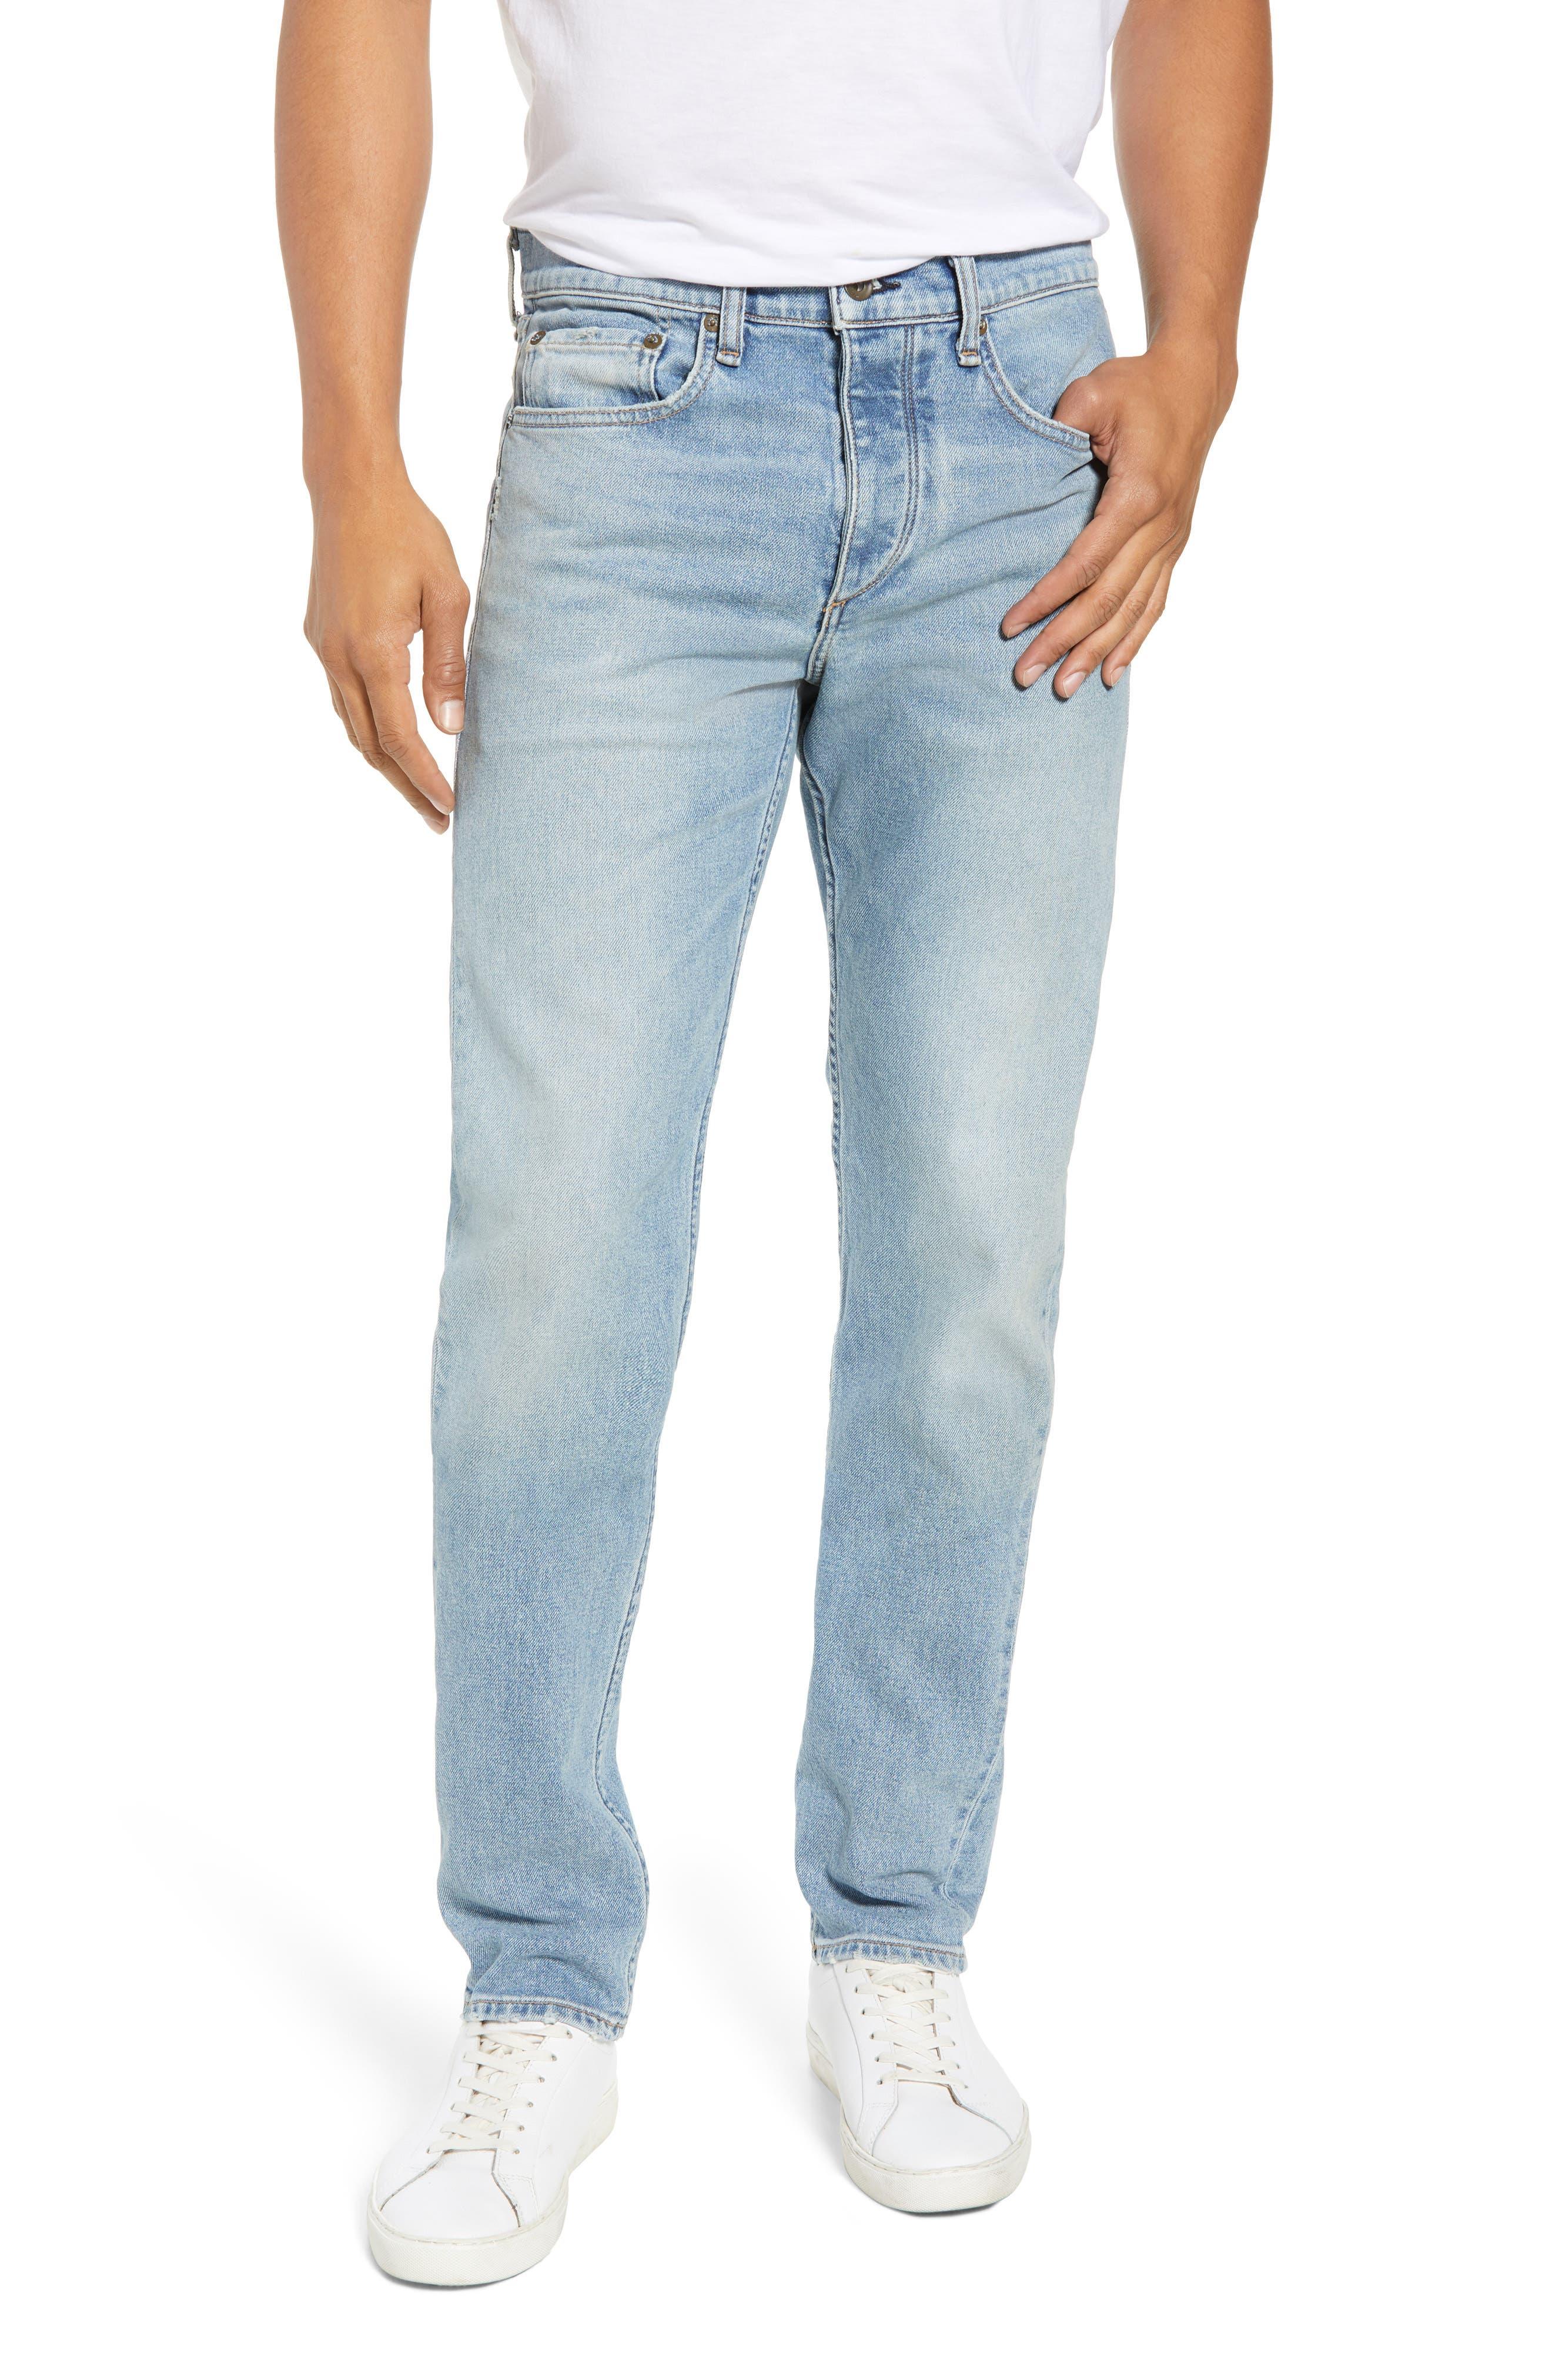 Fit 2 Slim Fit Jeans,                         Main,                         color, 400